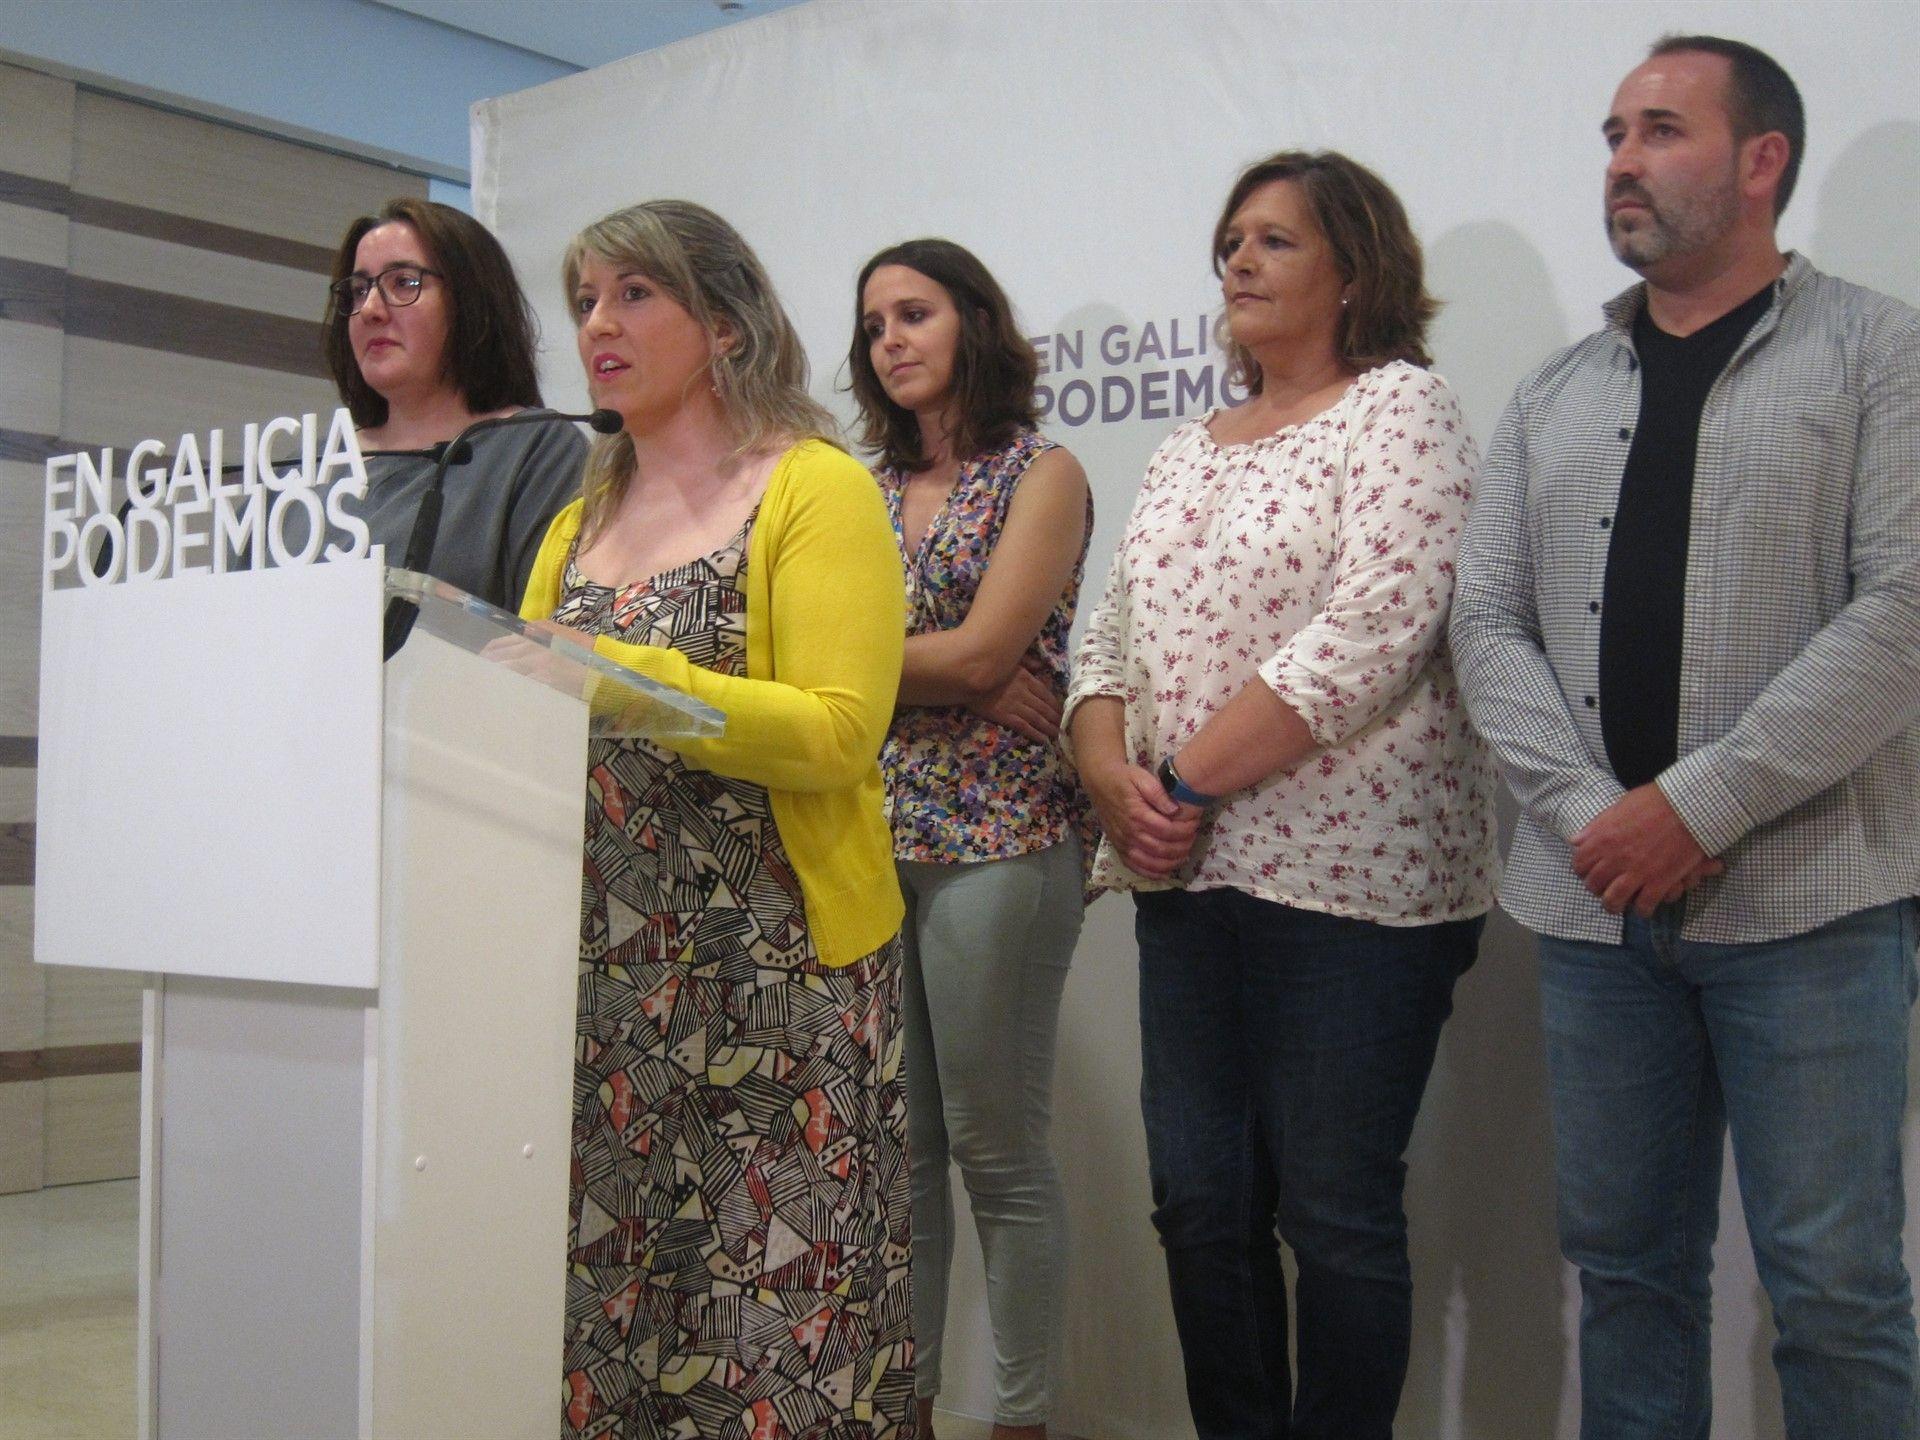 Podemos Galicia convoca elecciones para elegir a su nueva cúpula